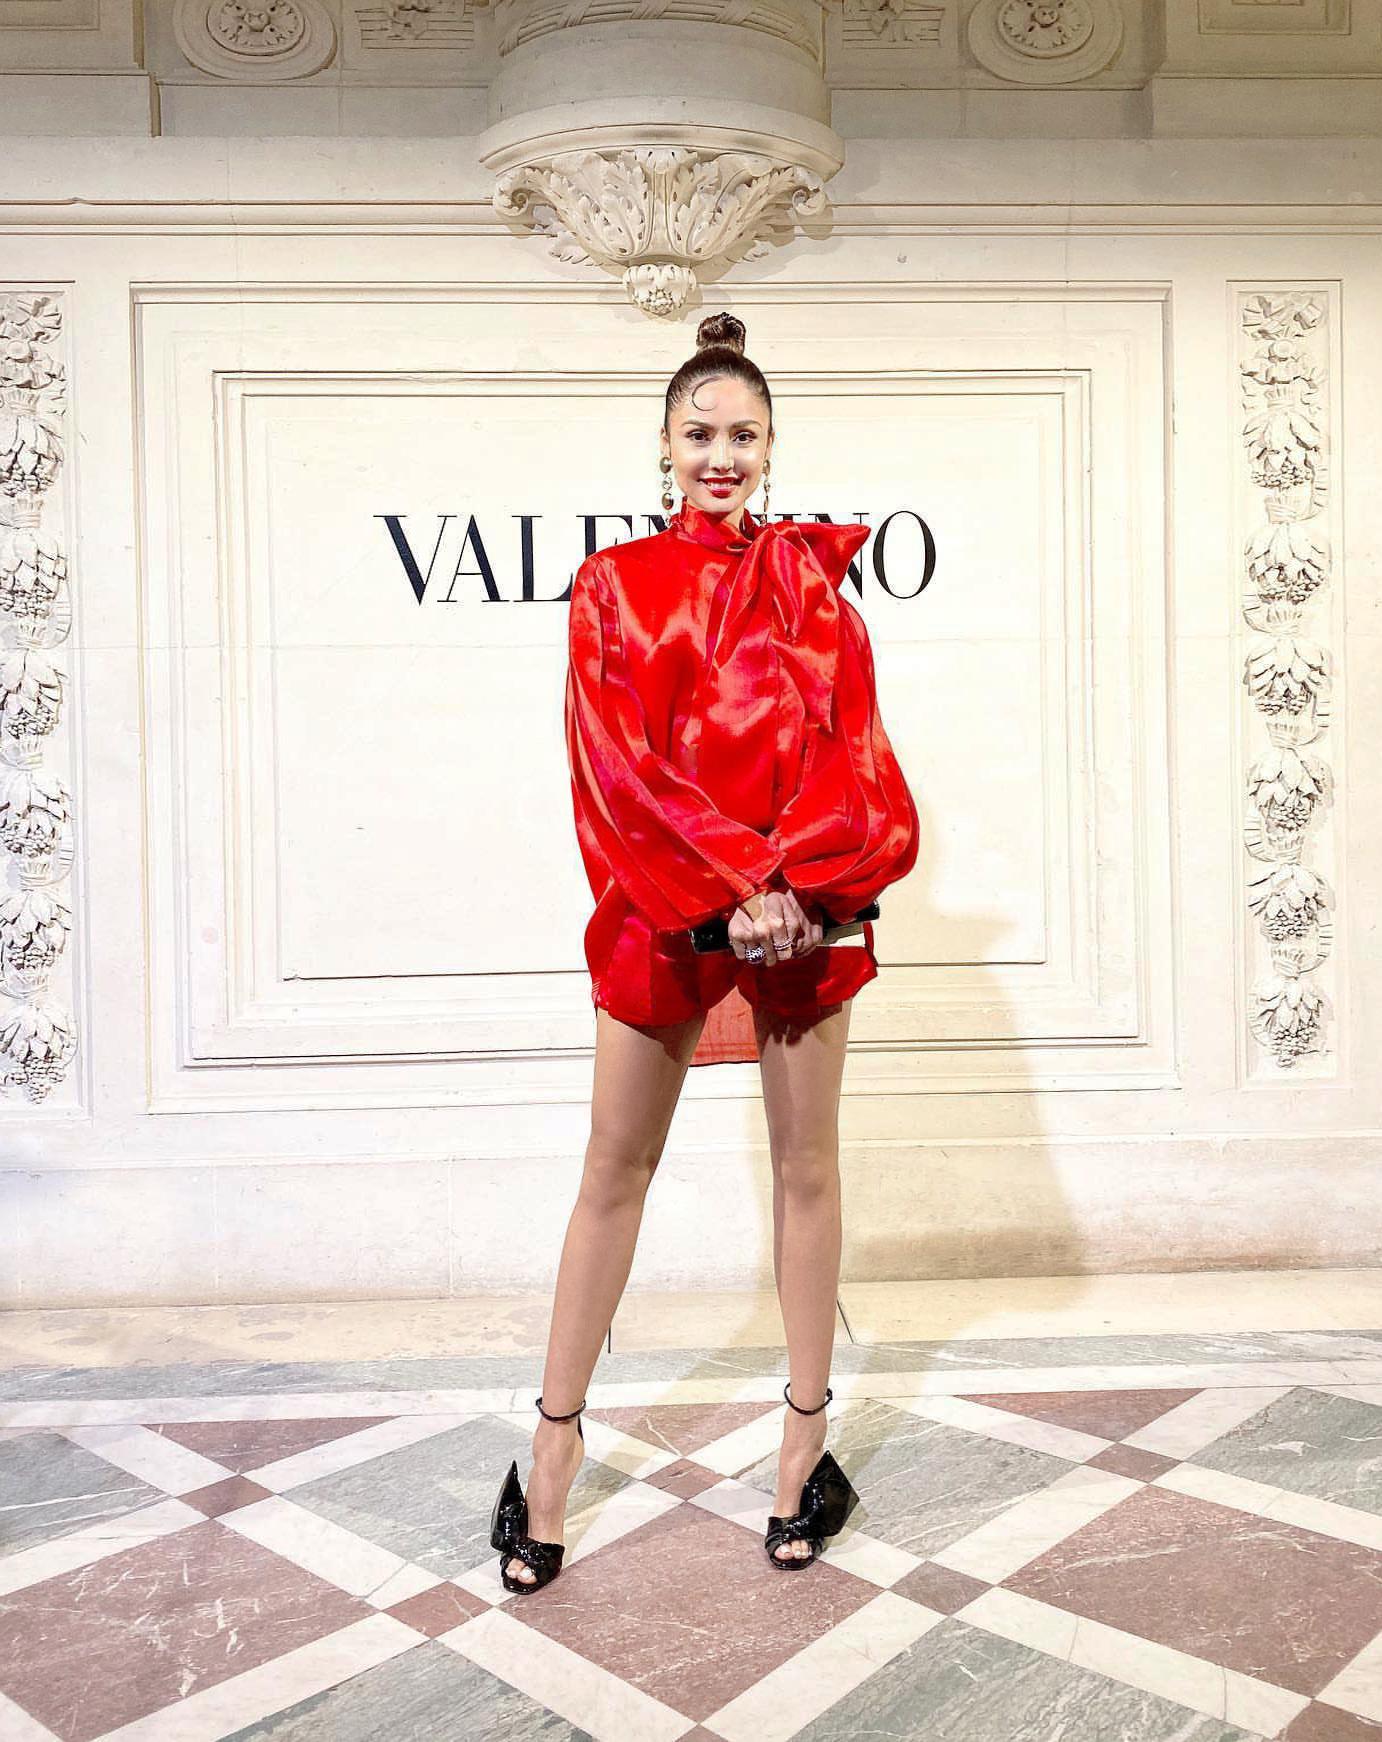 Xuất hiện trong show diễn thời trang Valentino Haute Couture SS20 tại Paris, nữ diễn viên Patricia Contreras nổi bật với bộ cánh đỏ đẹp mắt của NTK Trần Hùng nằm trong bộ sưu tập Xuân Hè 2020 mới nhất của anh.